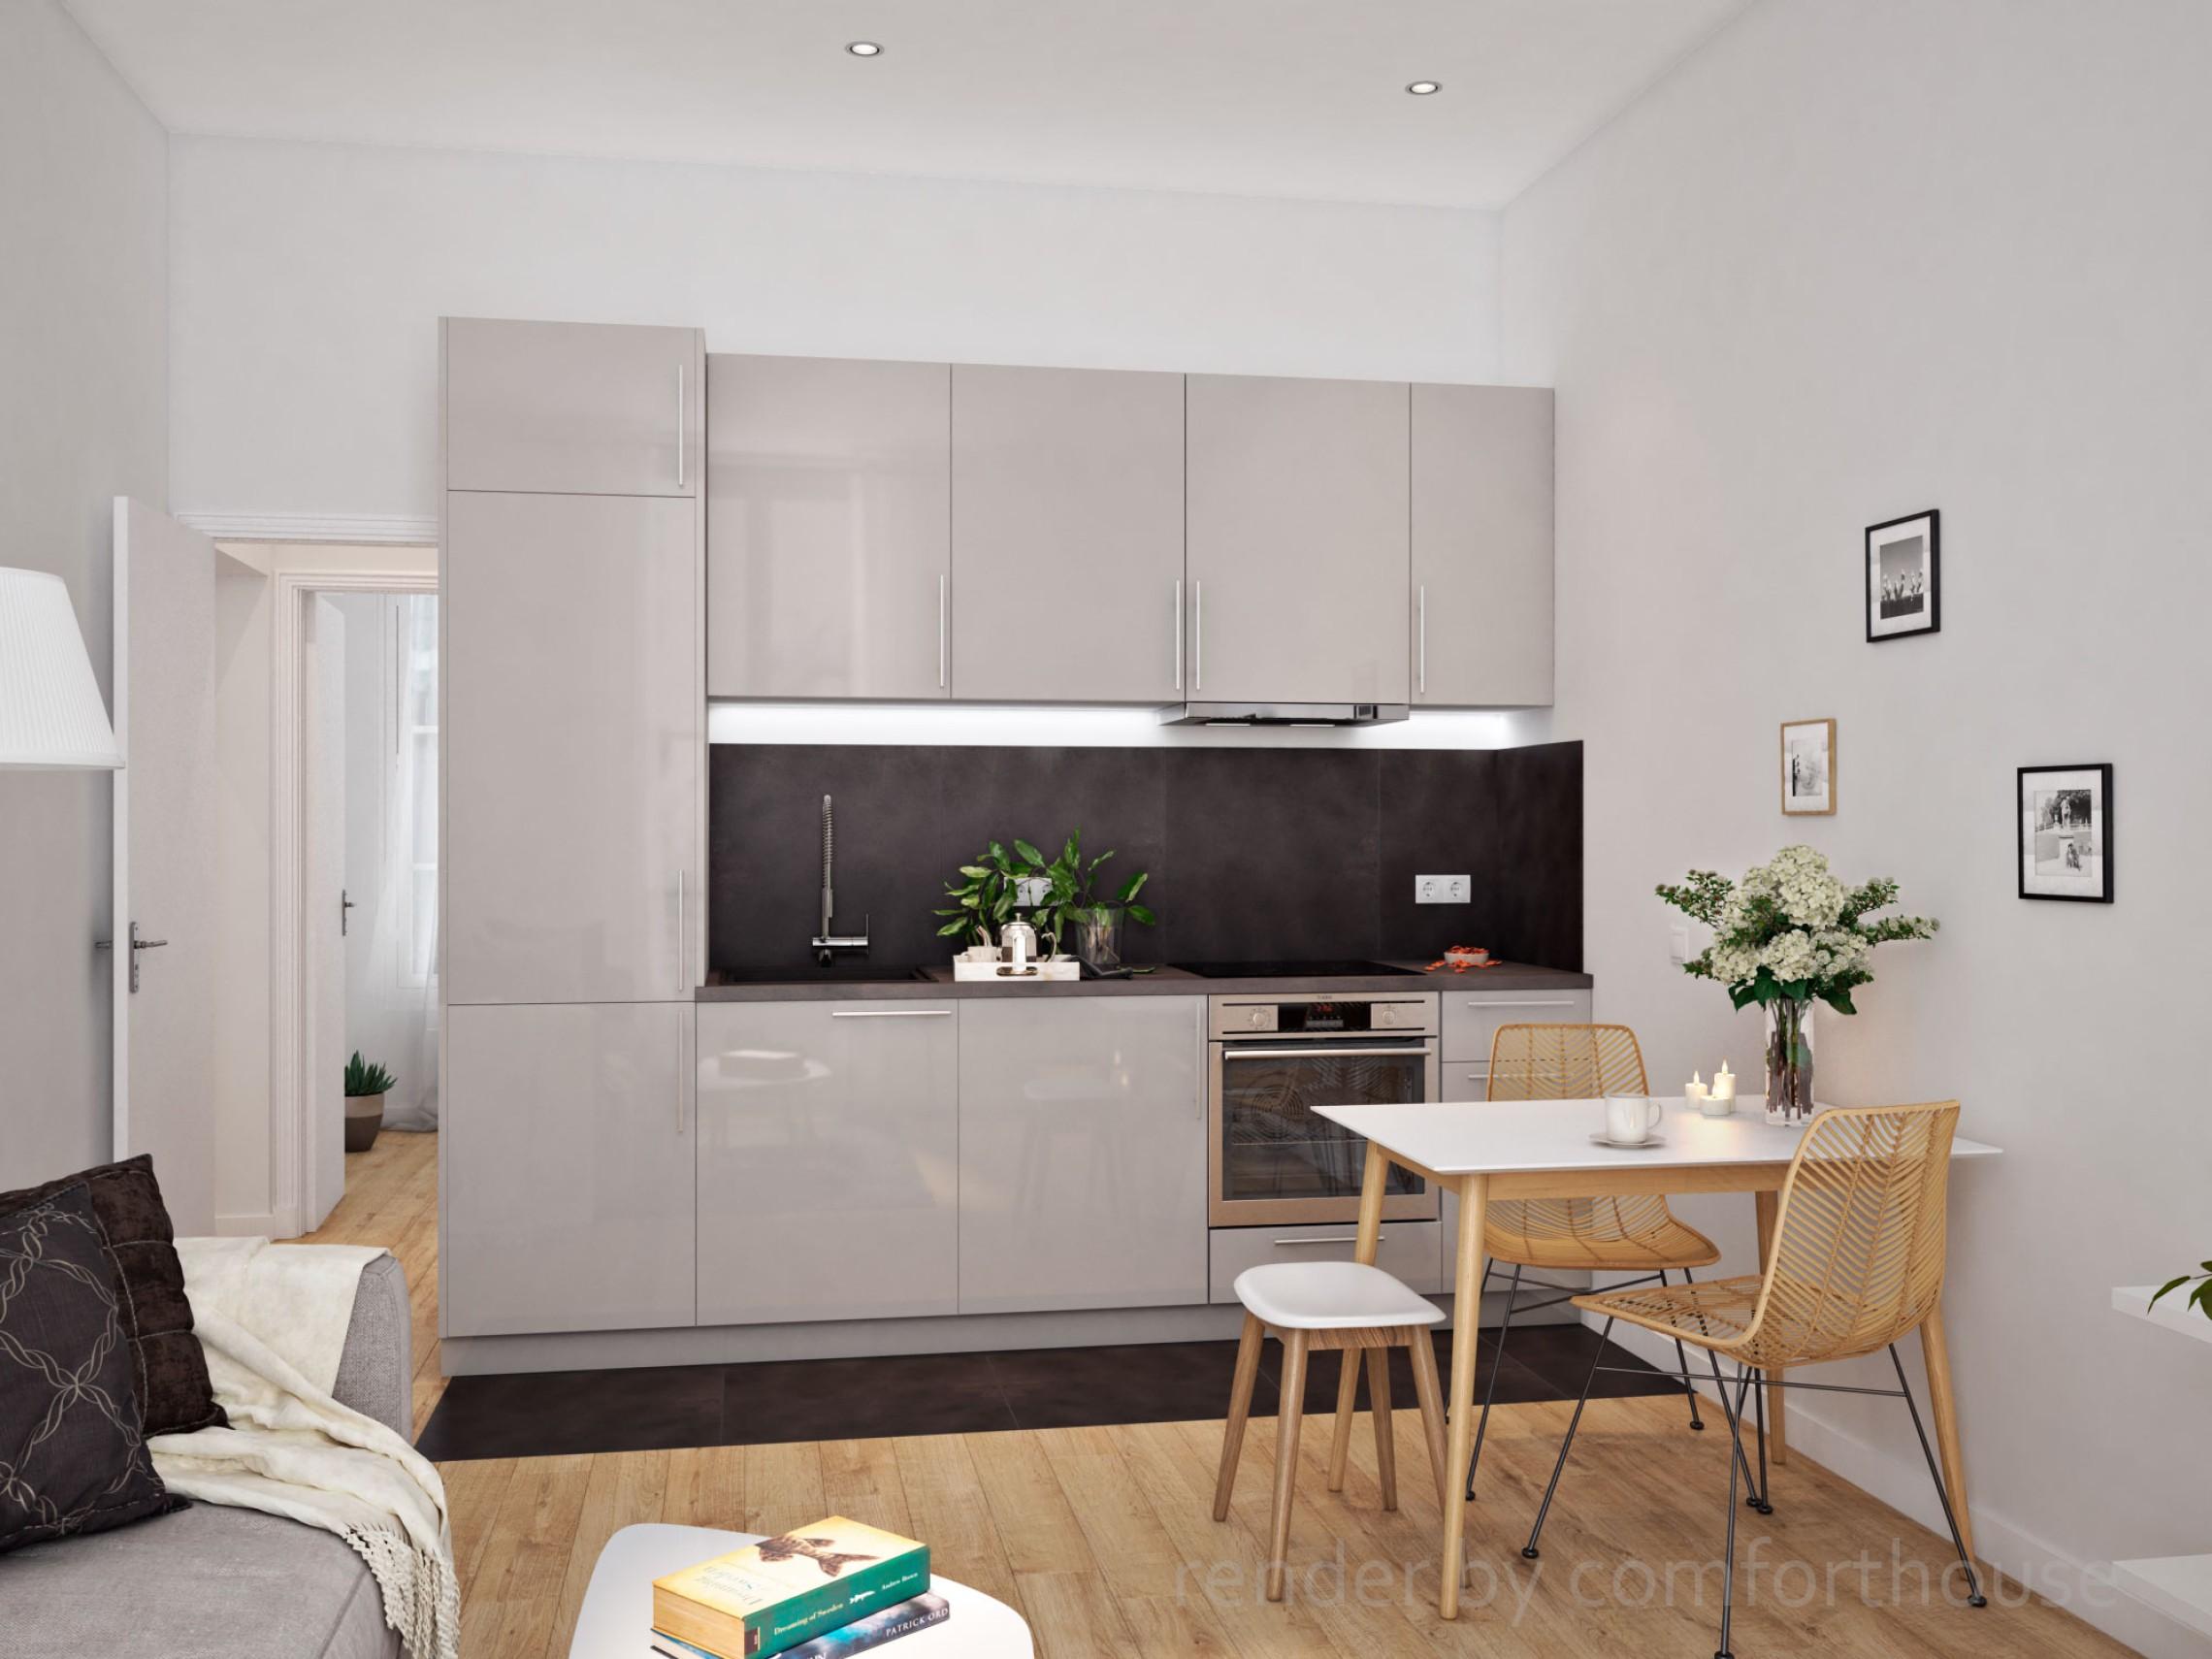 Paris interior kitchen